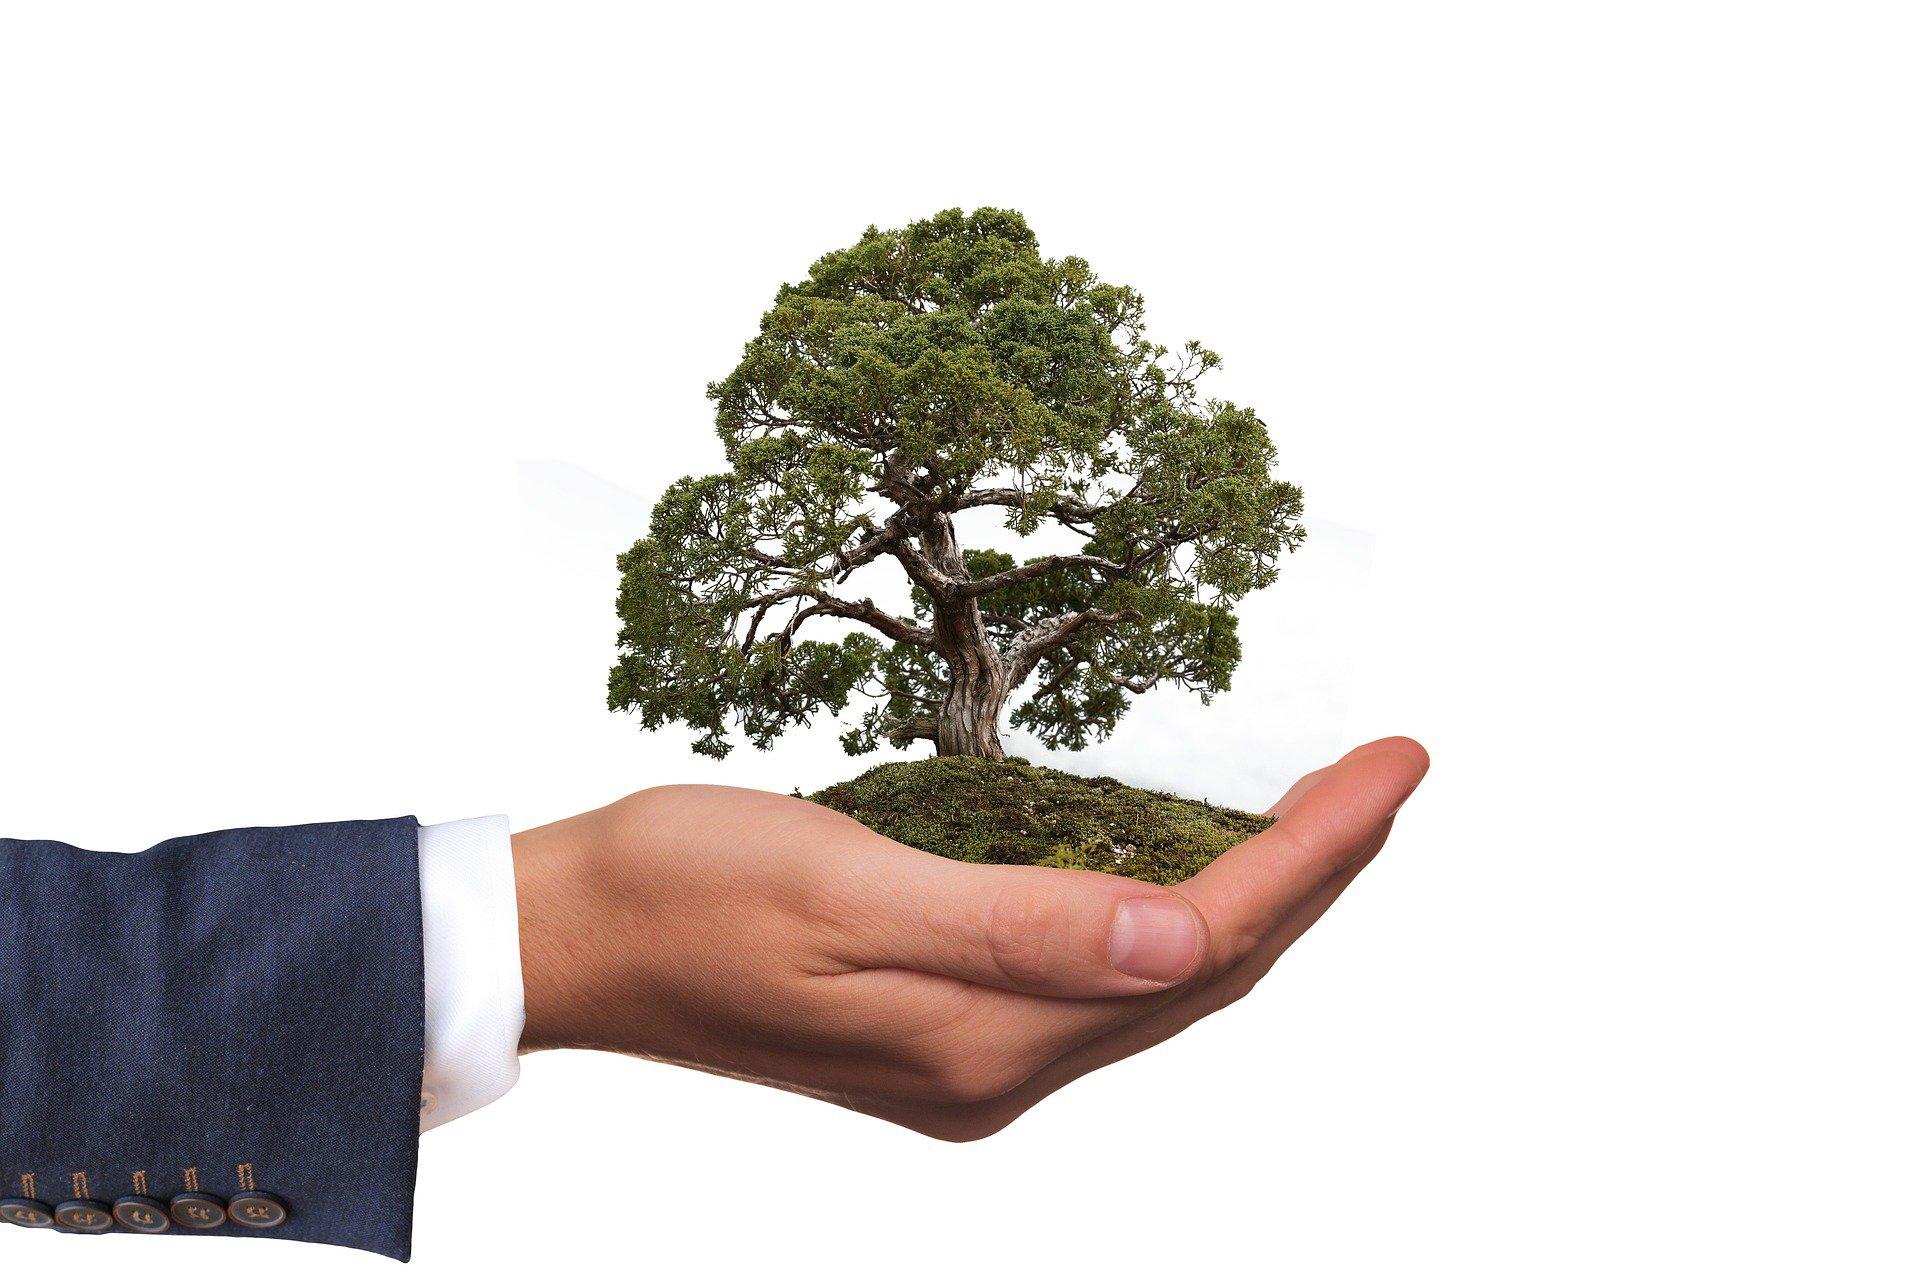 Un homme tient dans sa main un arbre qui représente ses valeurs écologiques dans sa quête de trouver un emploi